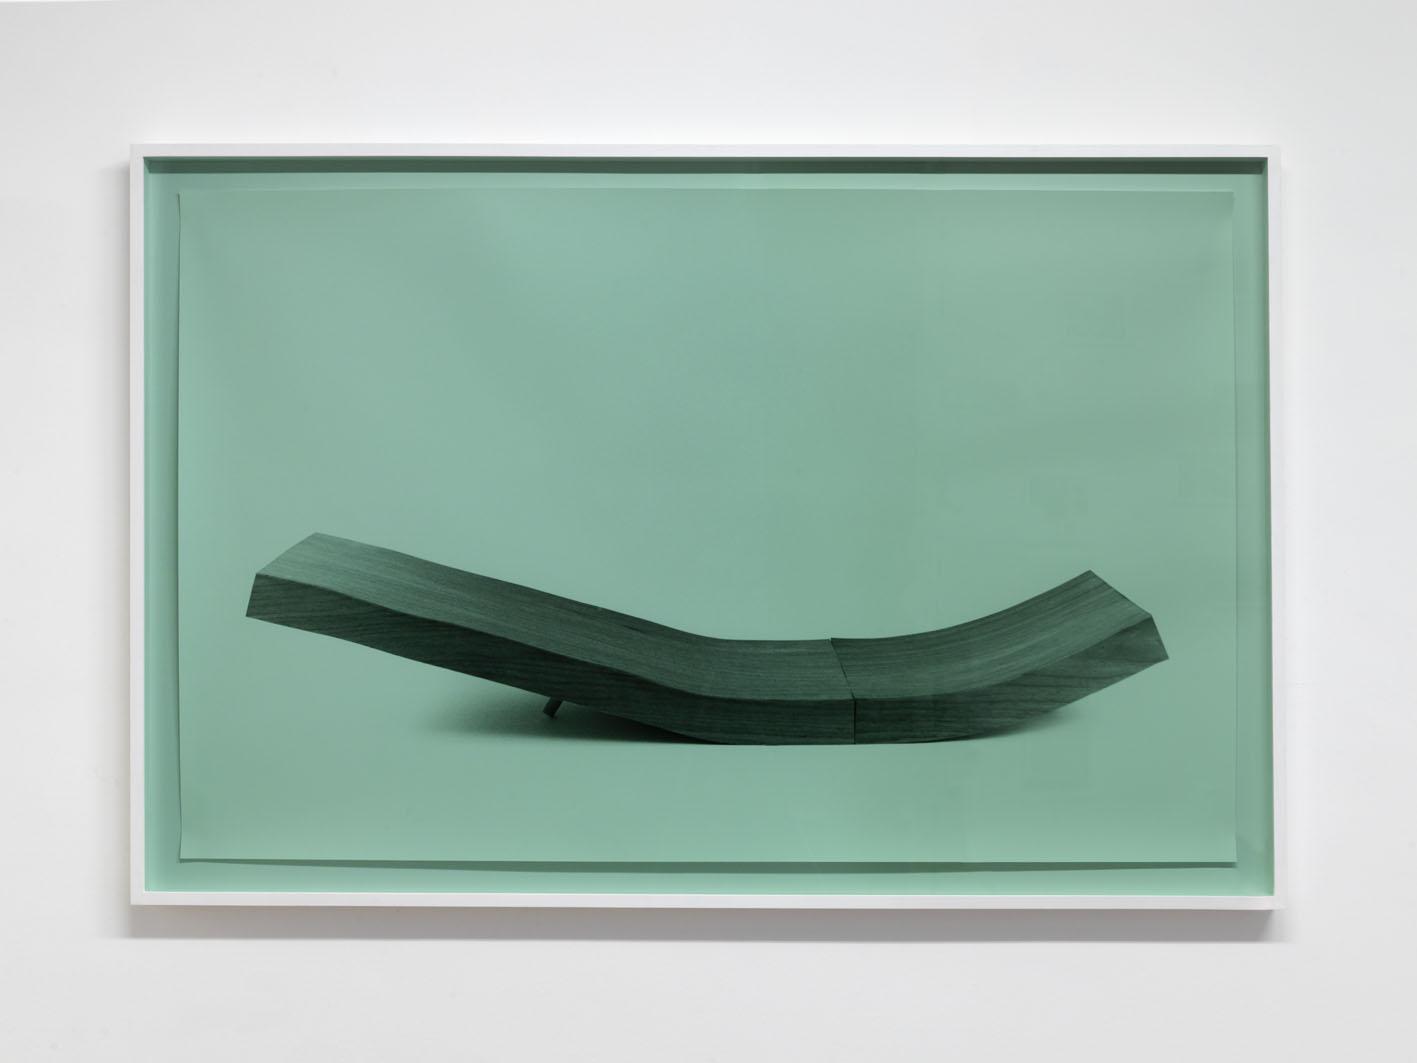 Becky Beasley Figure (Part 2), 2008